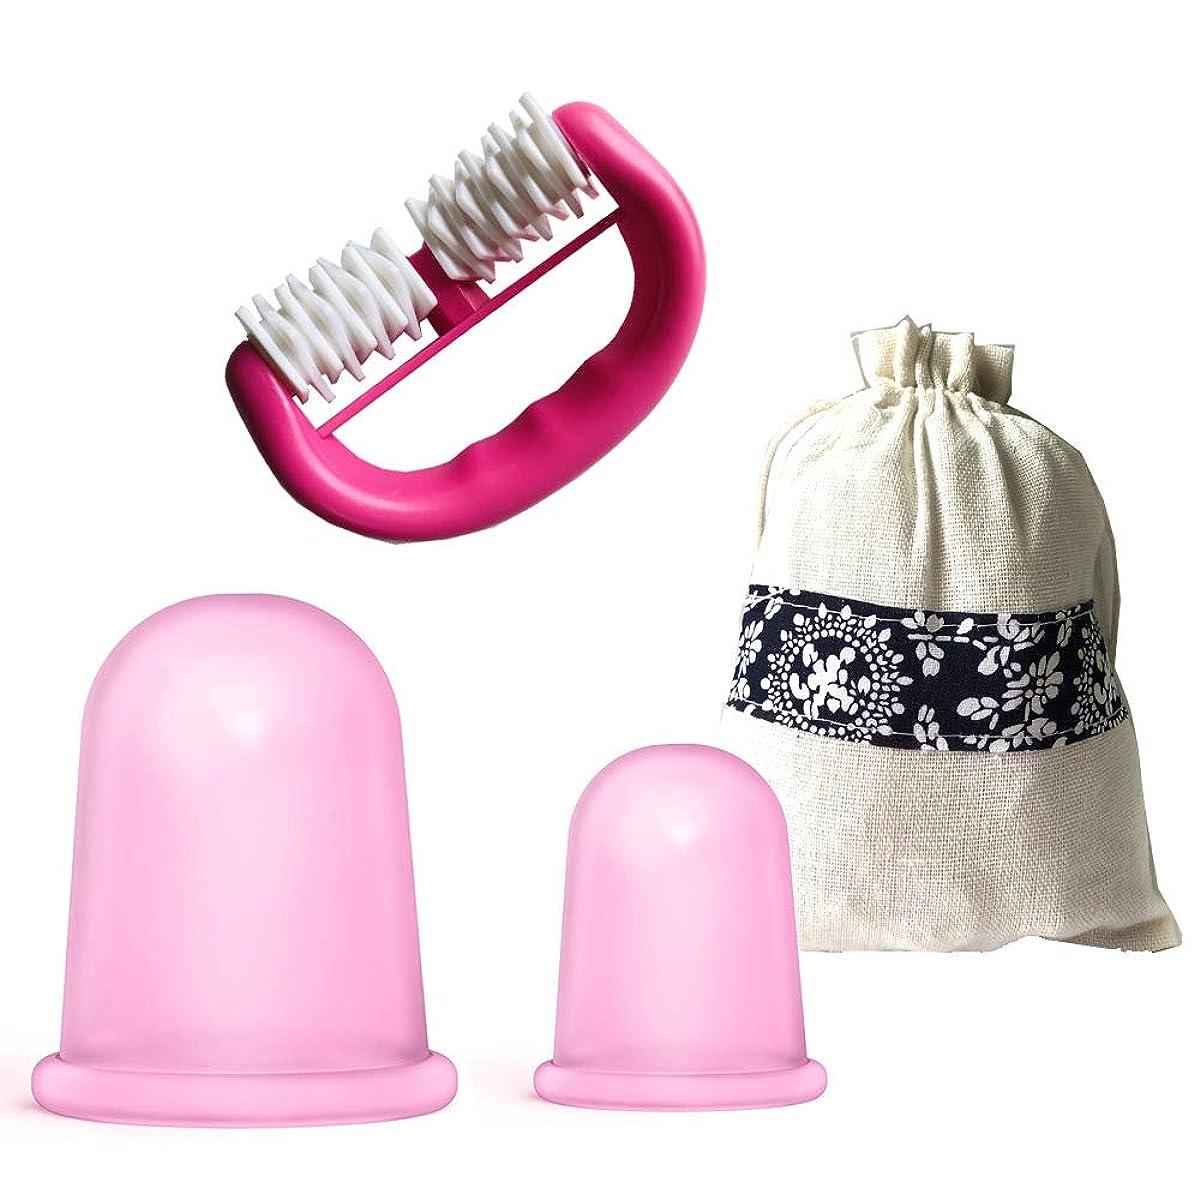 中亡命意志セルライトカッピングセラピーセットシリコンカッピングマッサージカップモイスチャーガシャ+ローラーマッサージャー付きギフトバッグ,Pink